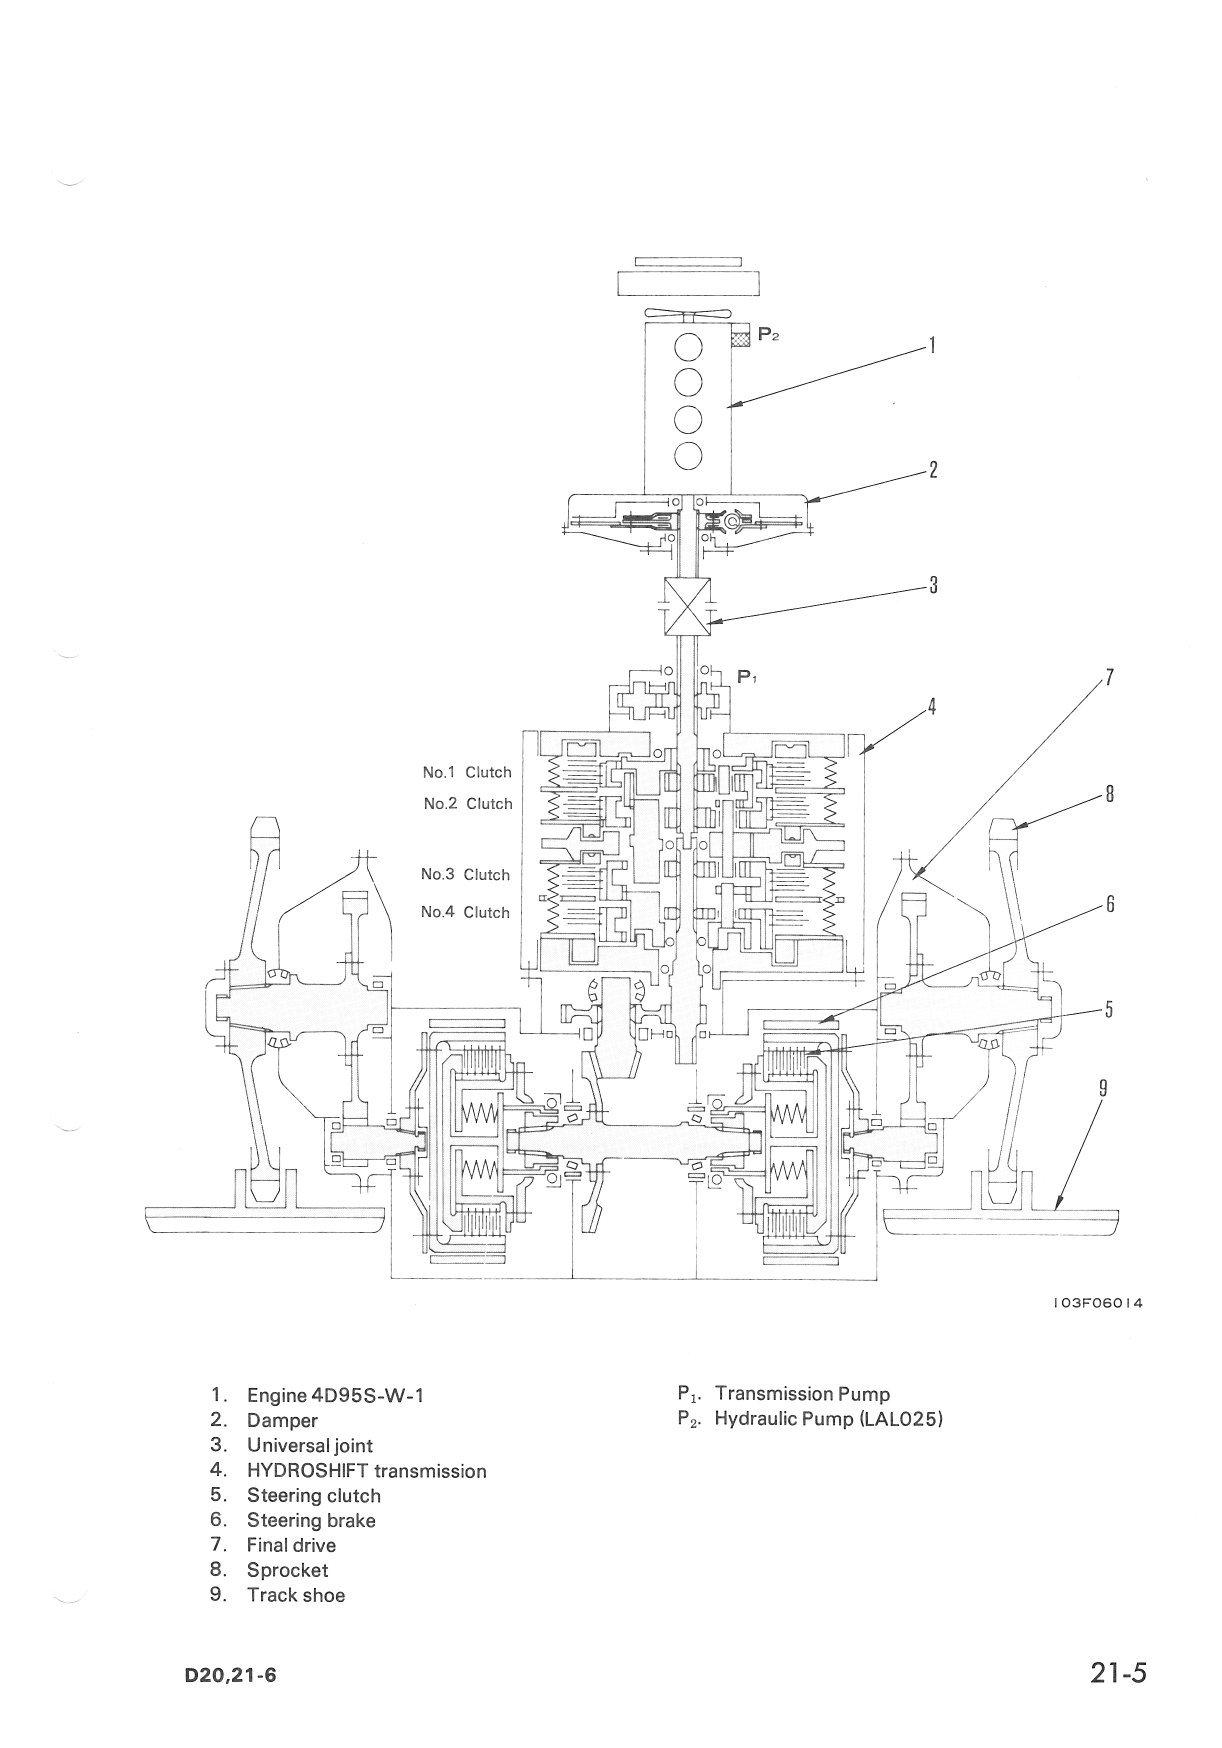 i have a komatsu crawler dozer d21a 6 serial no 66299 i need rh justanswer com Komatsu D21A Dozer 6 Komatsu D21A Dozer Weight